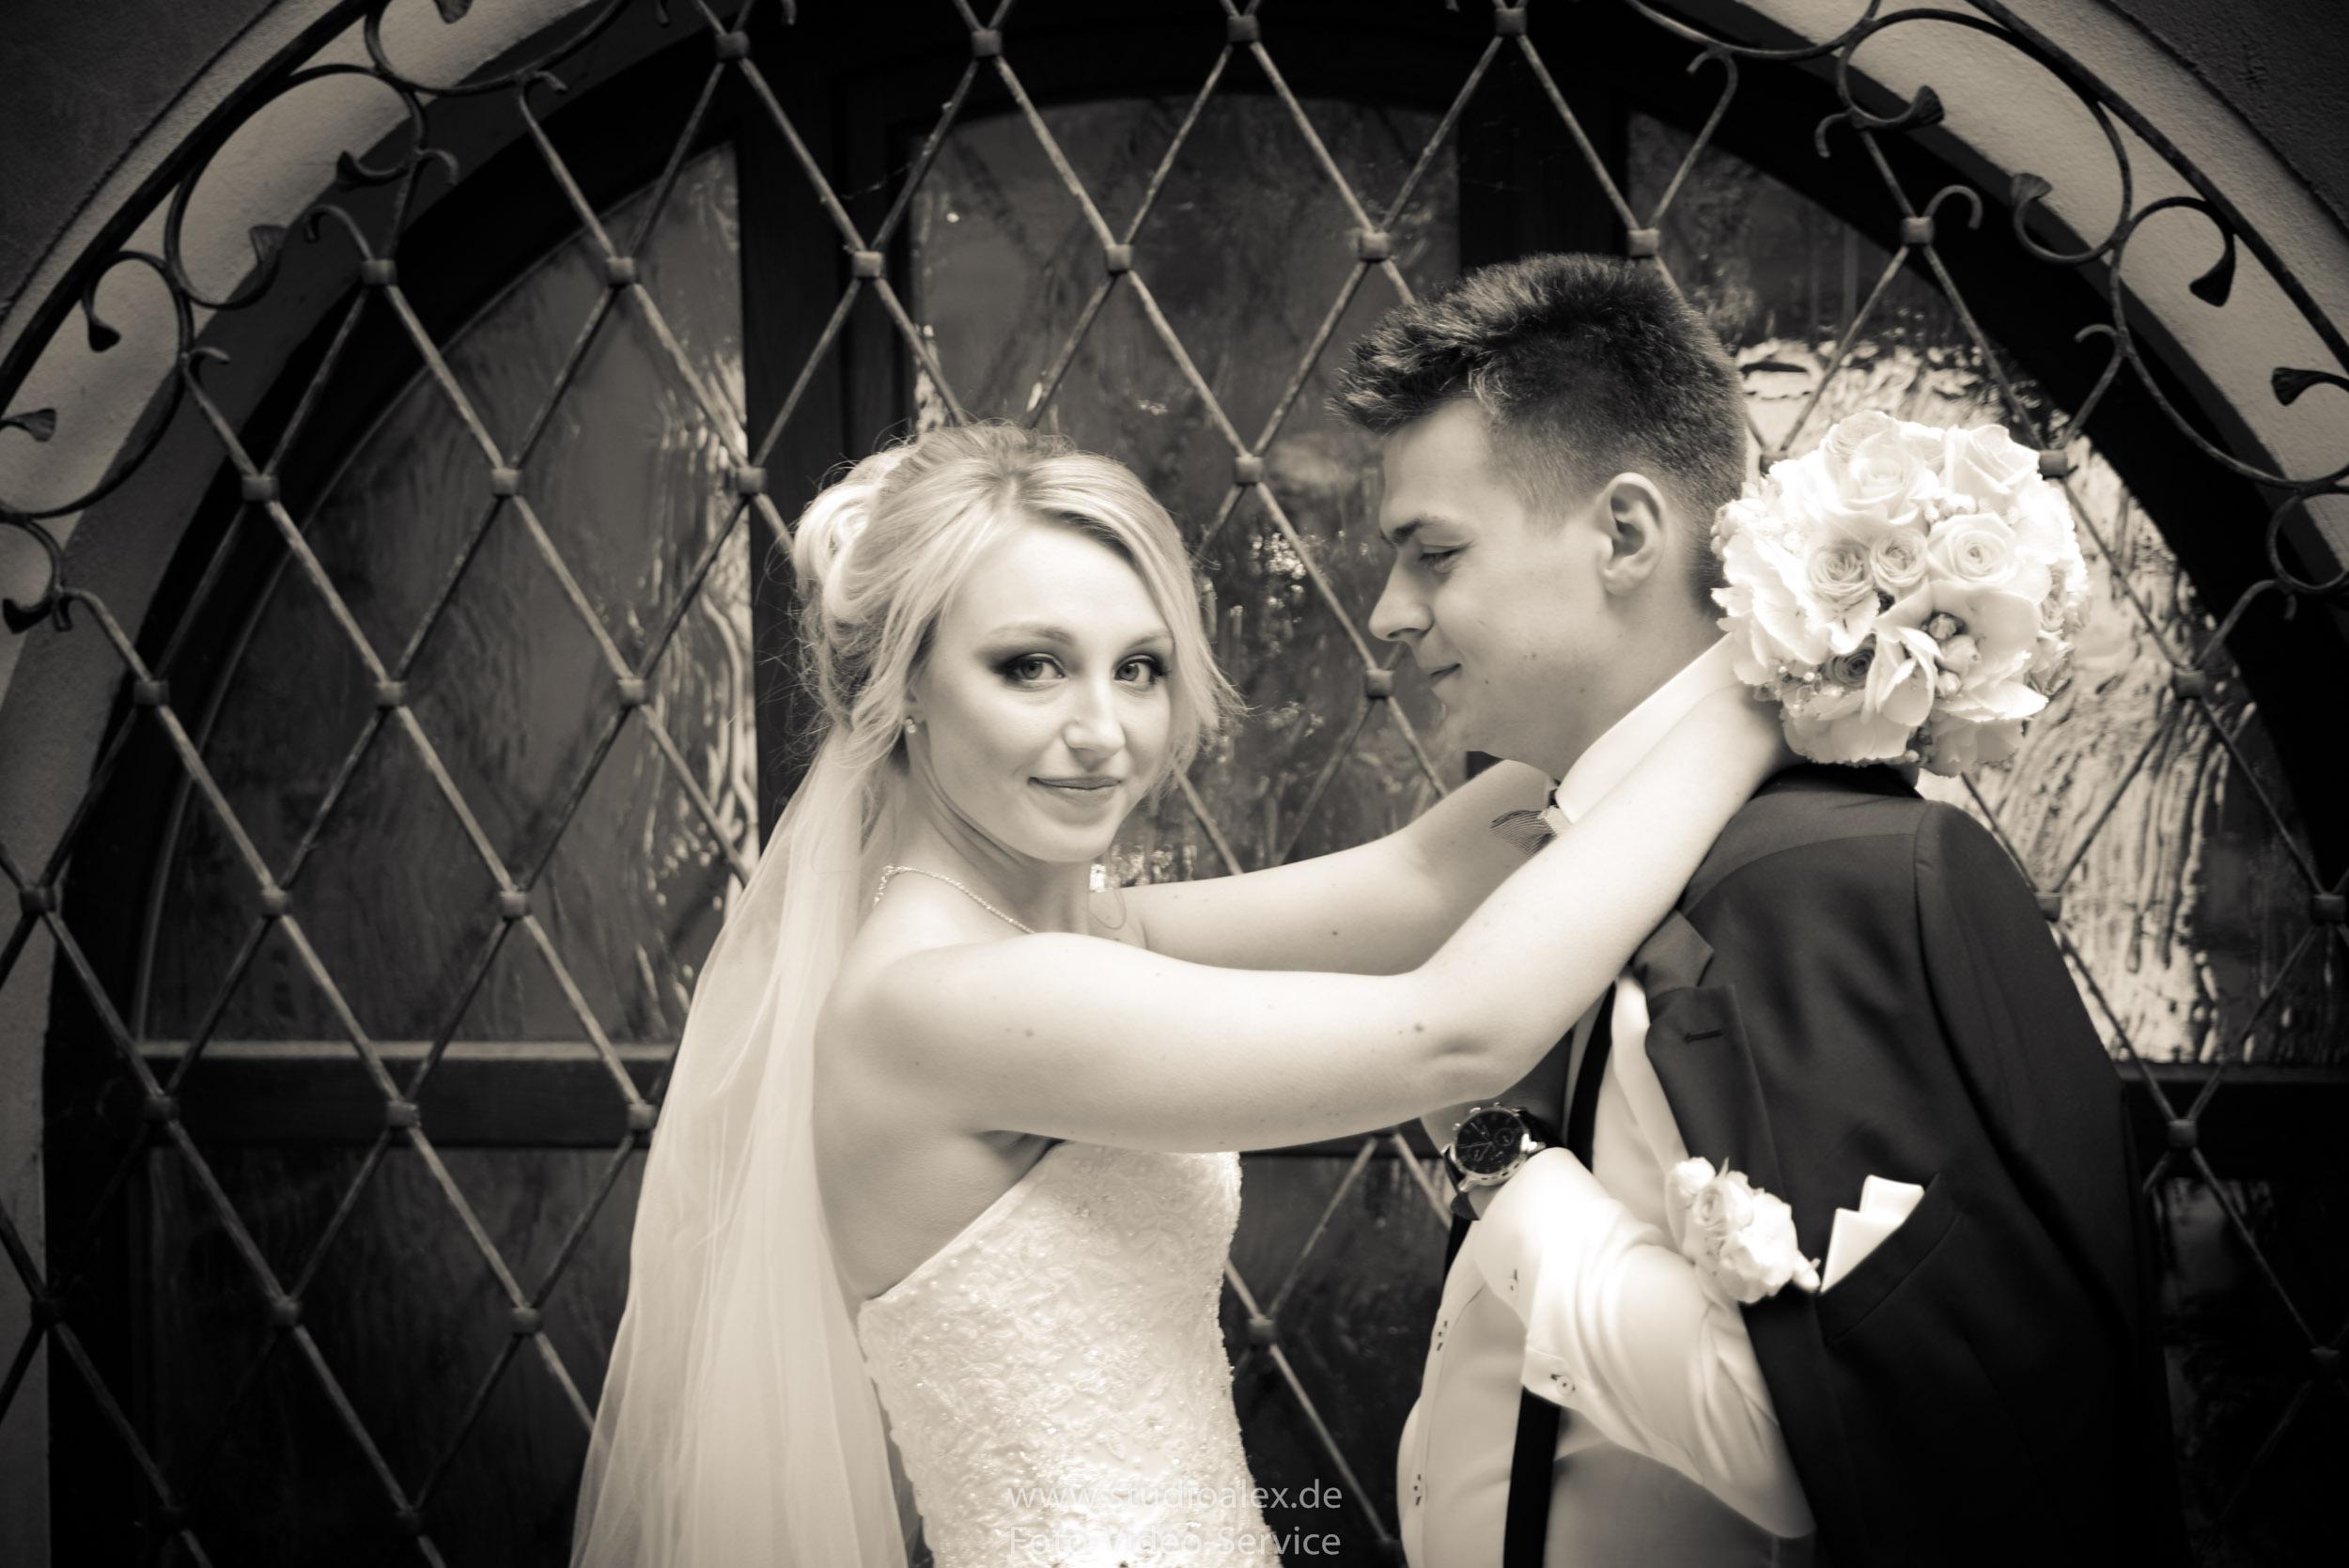 Hochzeitsfotograf-Amberg-Hochzeitsfotografie-Amberg-Hochzeit-Amberg-ACC-Fotograf-Amberg-8242.jpg